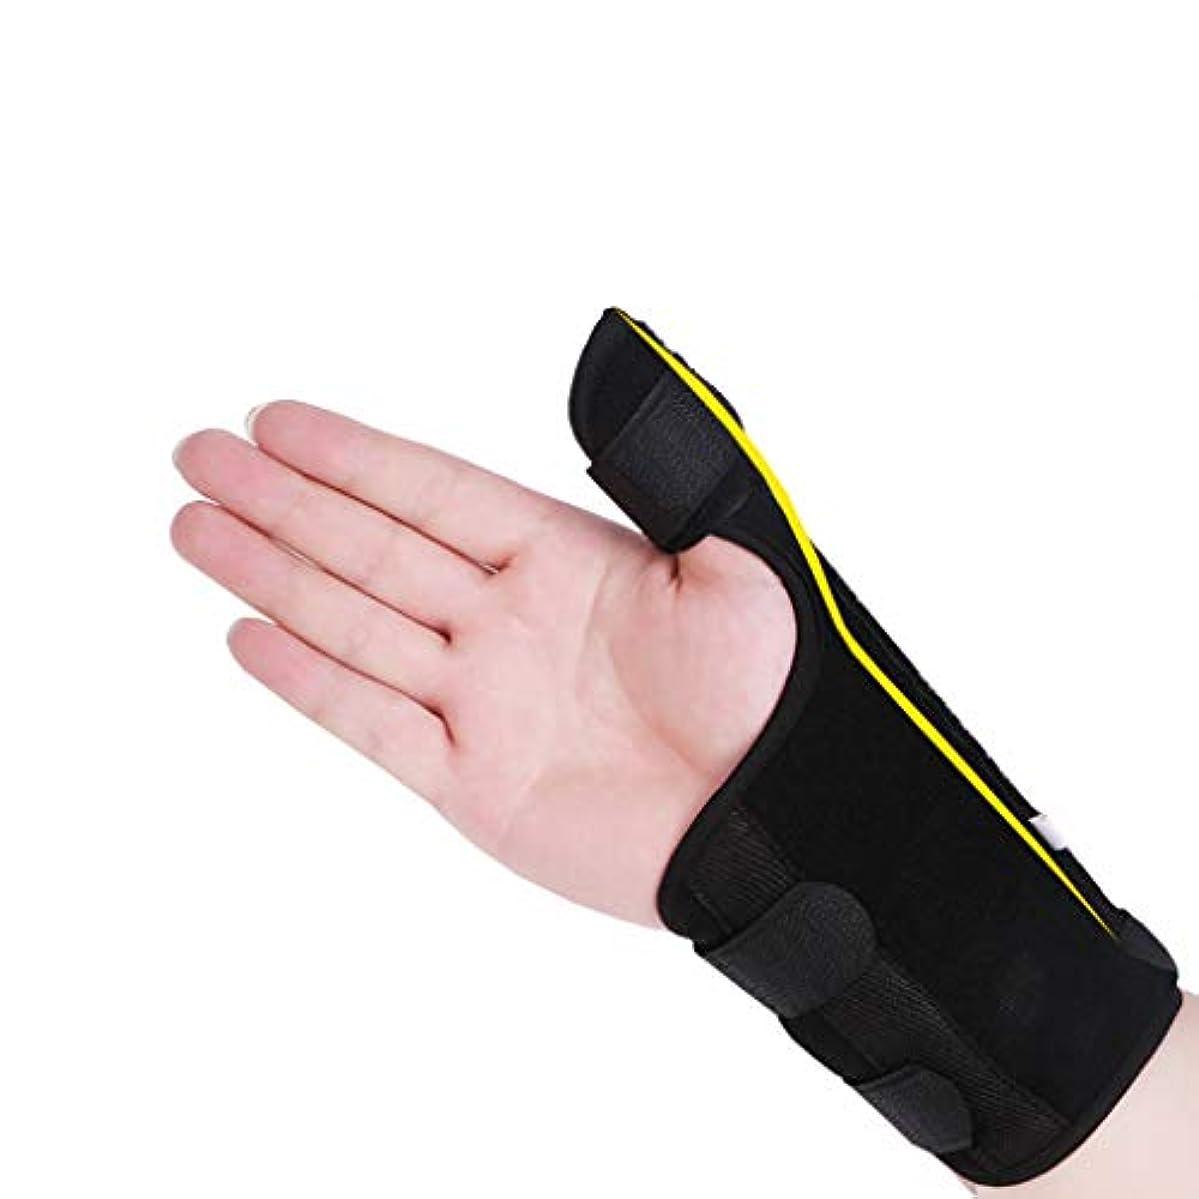 インフルエンザ入射趣味親指サポートガード、軽量で通気性、関節の手根管のための作り付けの副木を使用して安定した無制限の柔らかいティッシュの傷害,Right,M